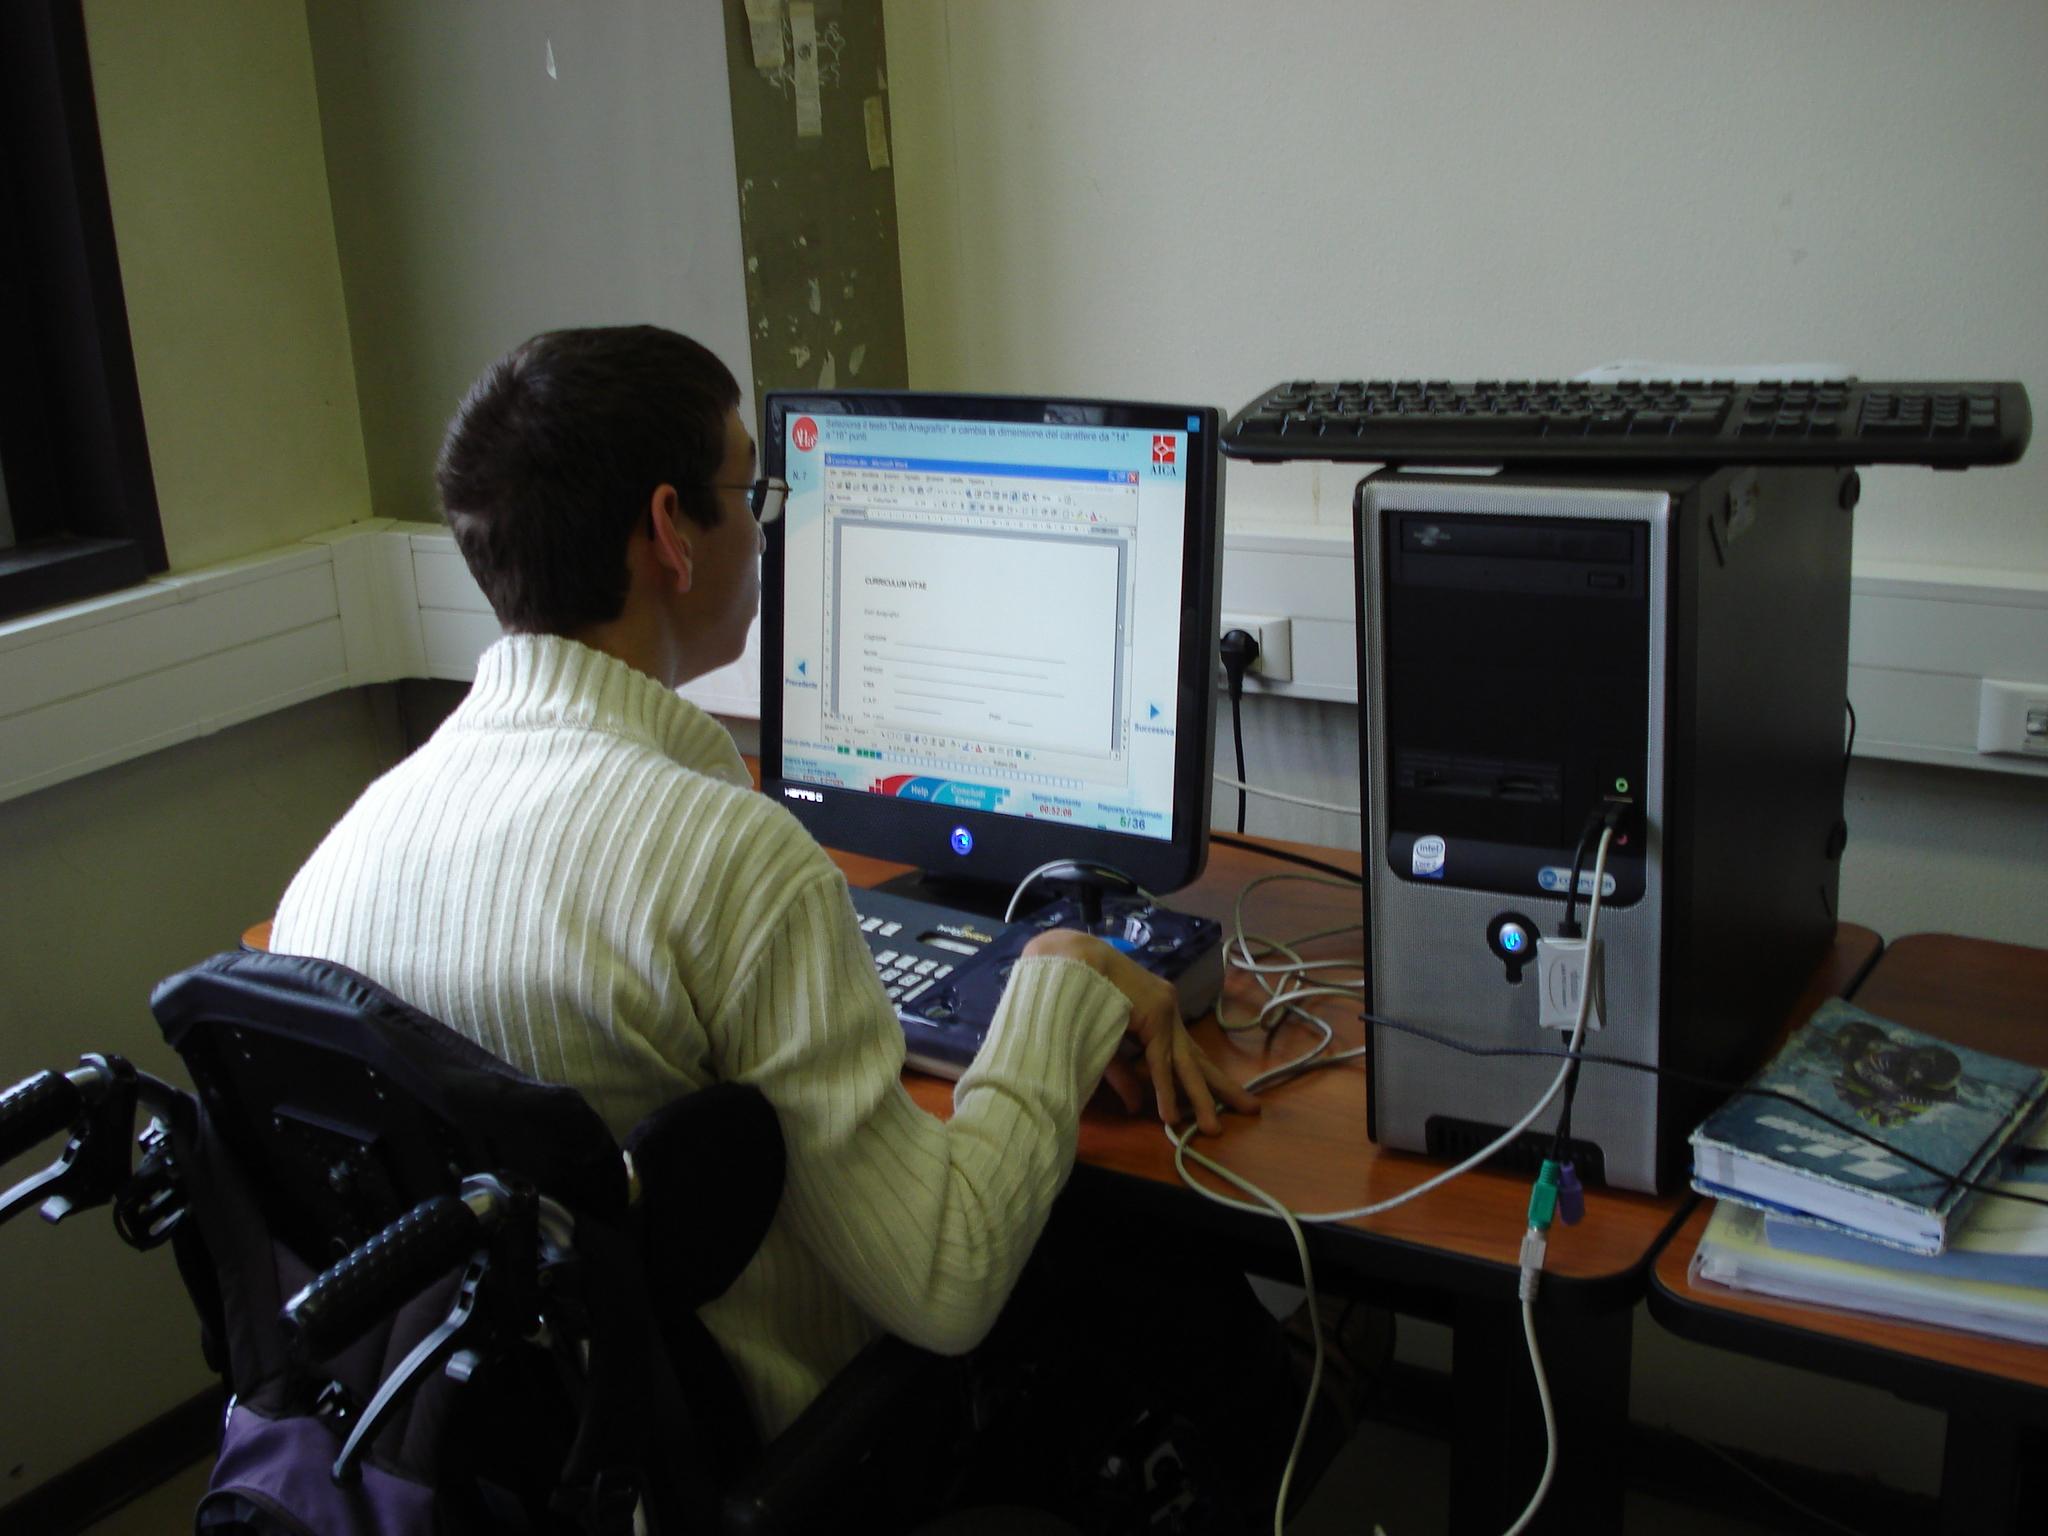 Candidato con disabilità che affronta l'esame ECDL